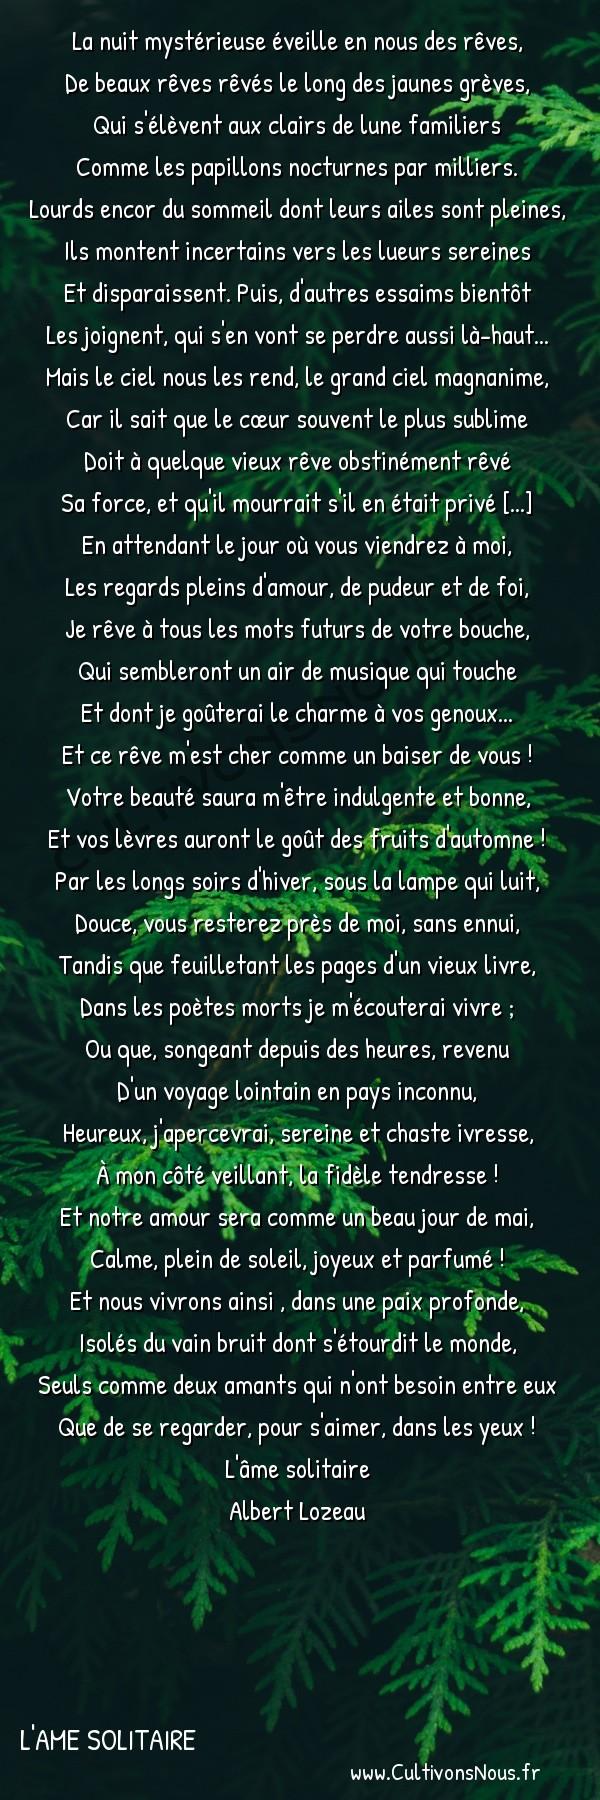 Poésie Albert lozeau - L'ame solitaire - intimité -  La nuit mystérieuse éveille en nous des rêves, De beaux rêves rêvés le long des jaunes grèves,